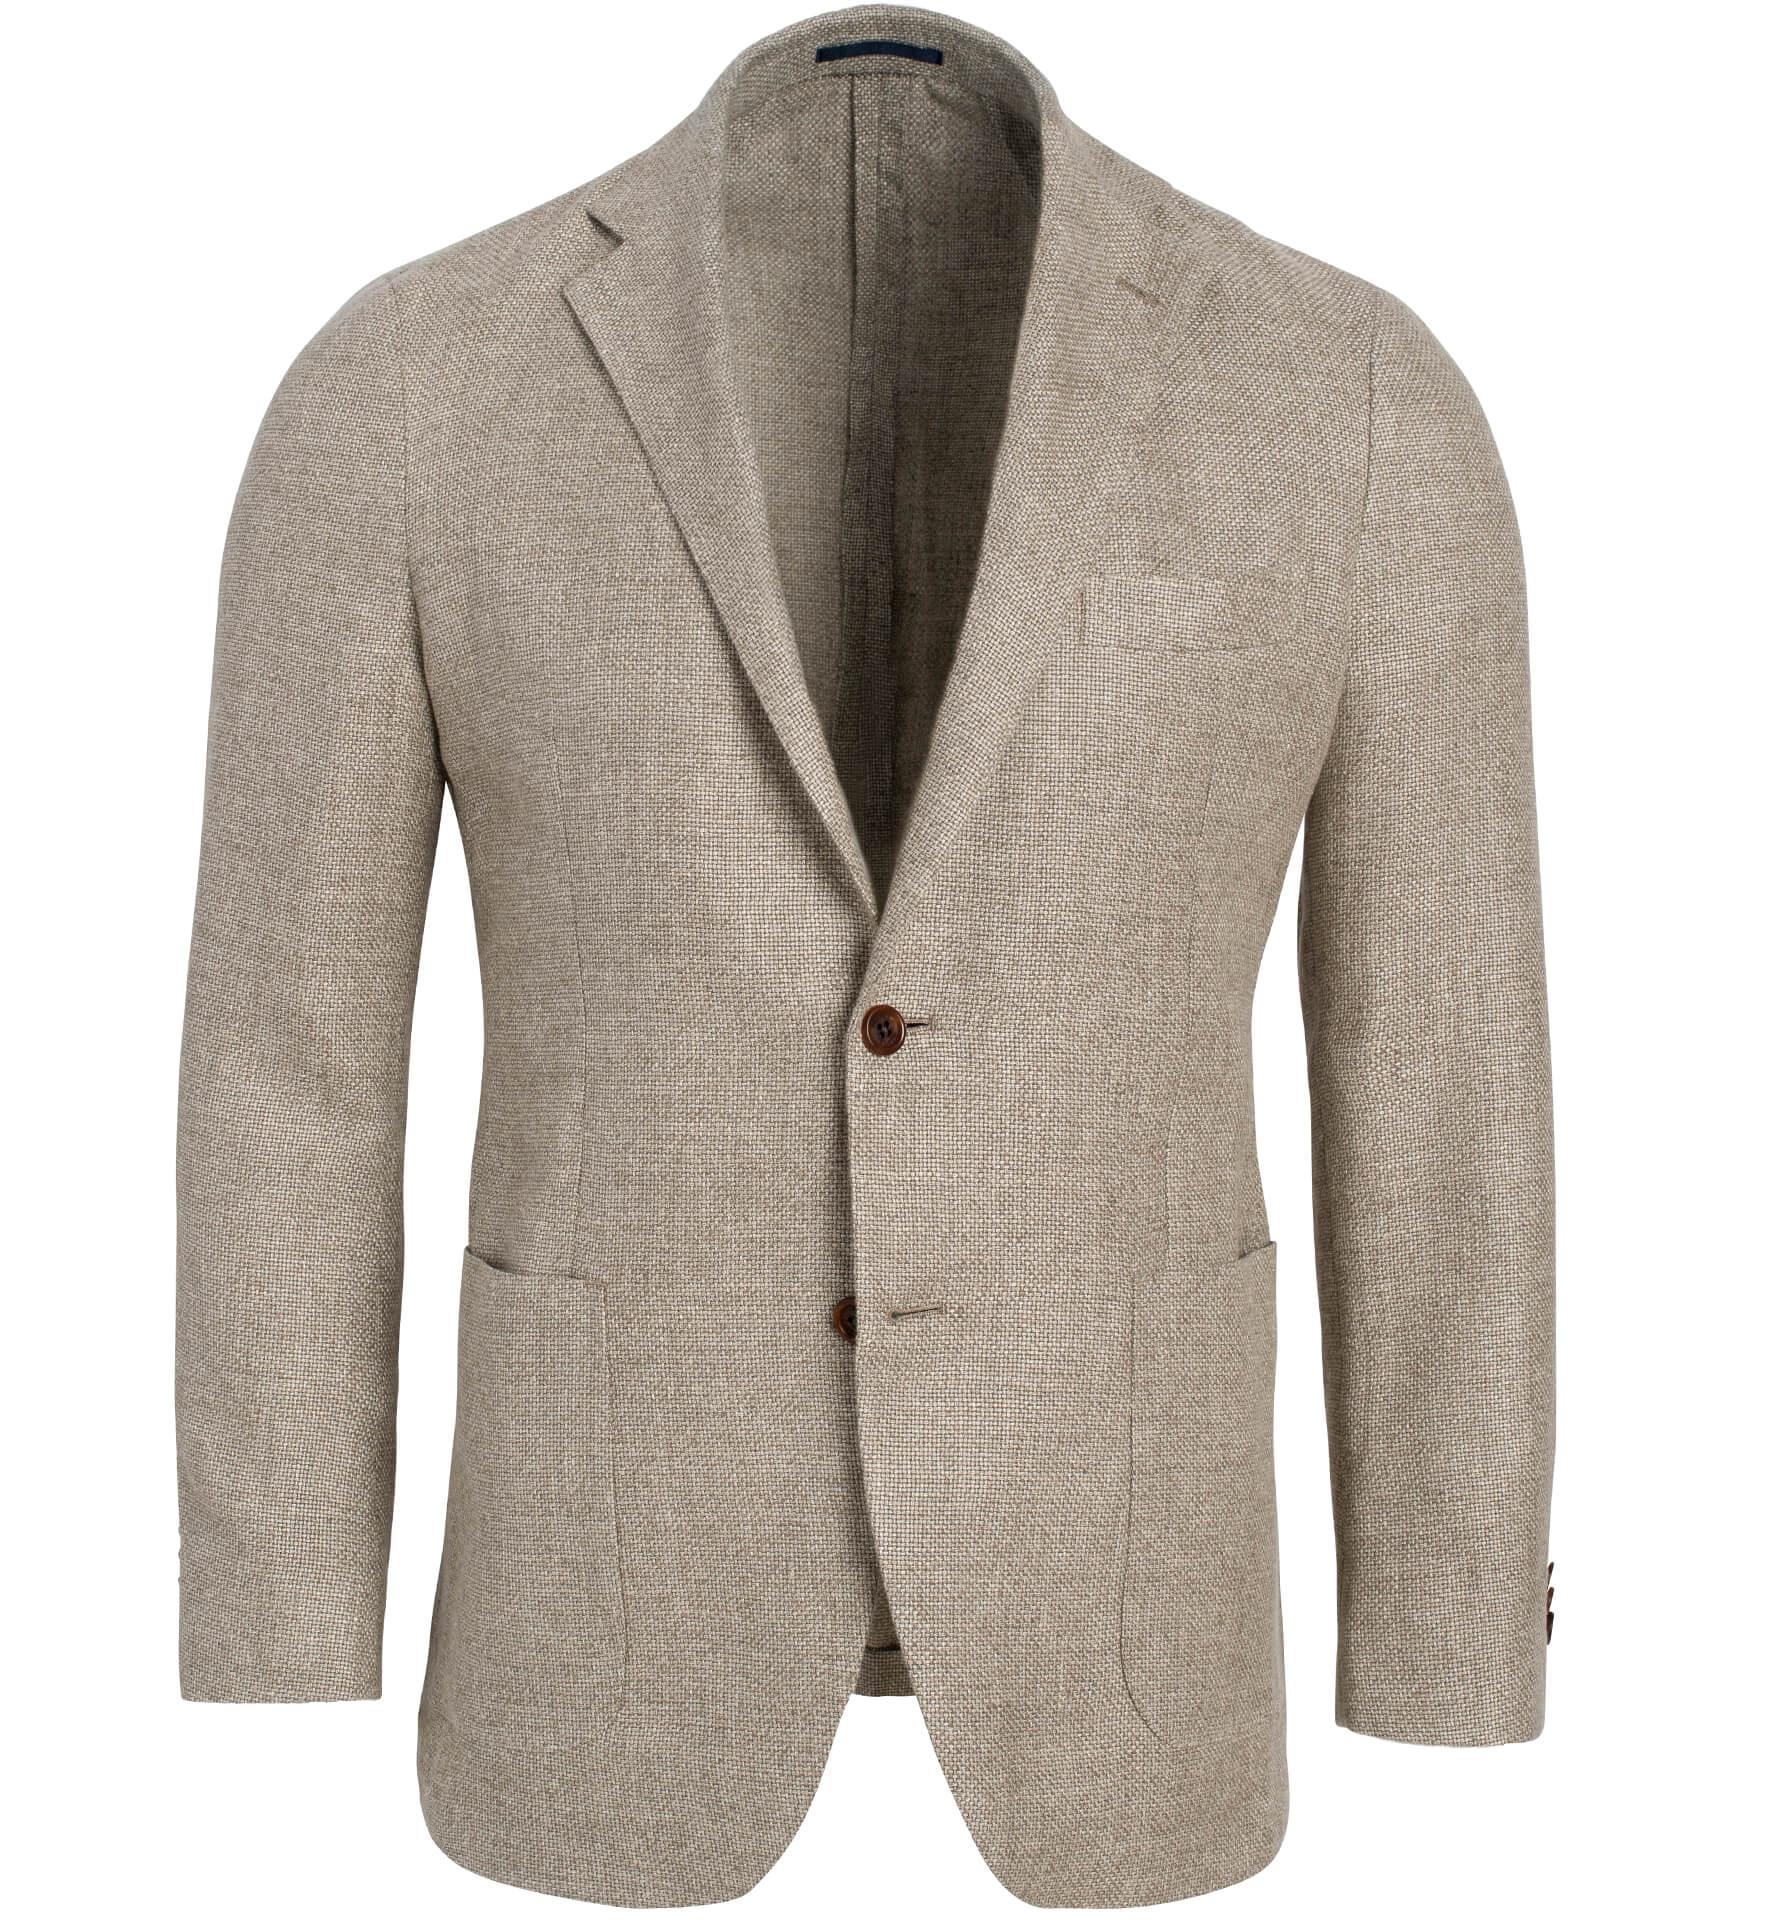 Zoom Image of Waverly Beige Hemp and Wool Basketweave Jacket